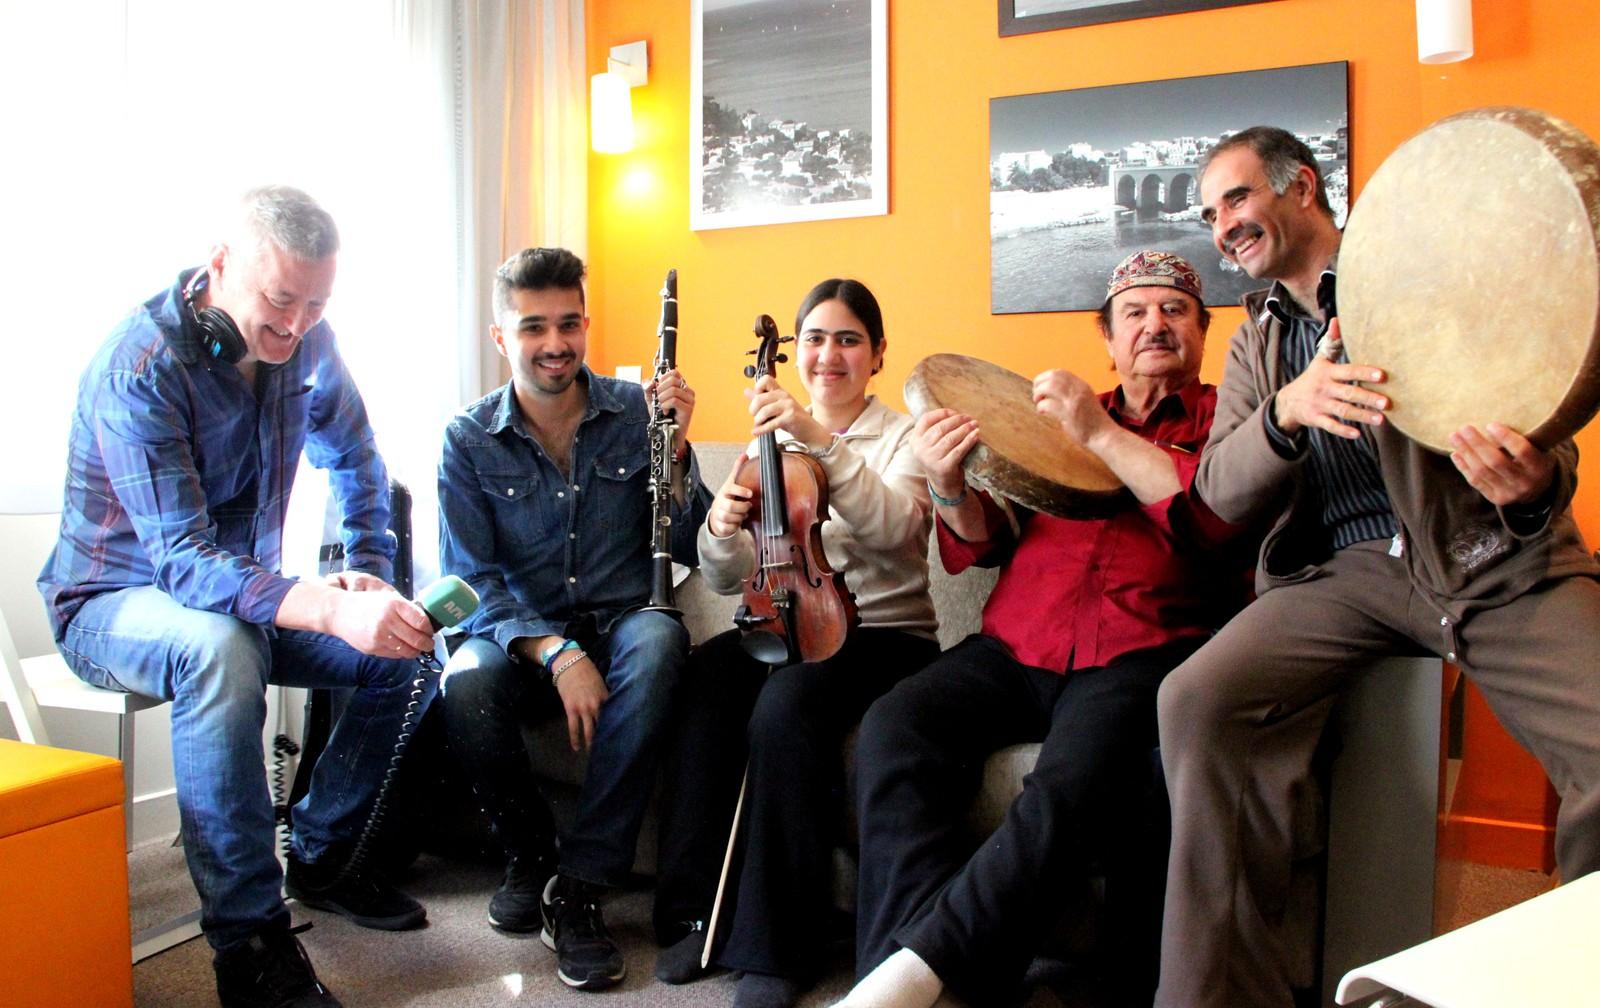 Tre generasjoner og en reporter: The Alaev Family fra Tadsjikistan/Israel på hotellrommet i Marseille under musikkmessen Babel Med 2013. (En slags Bylarm)